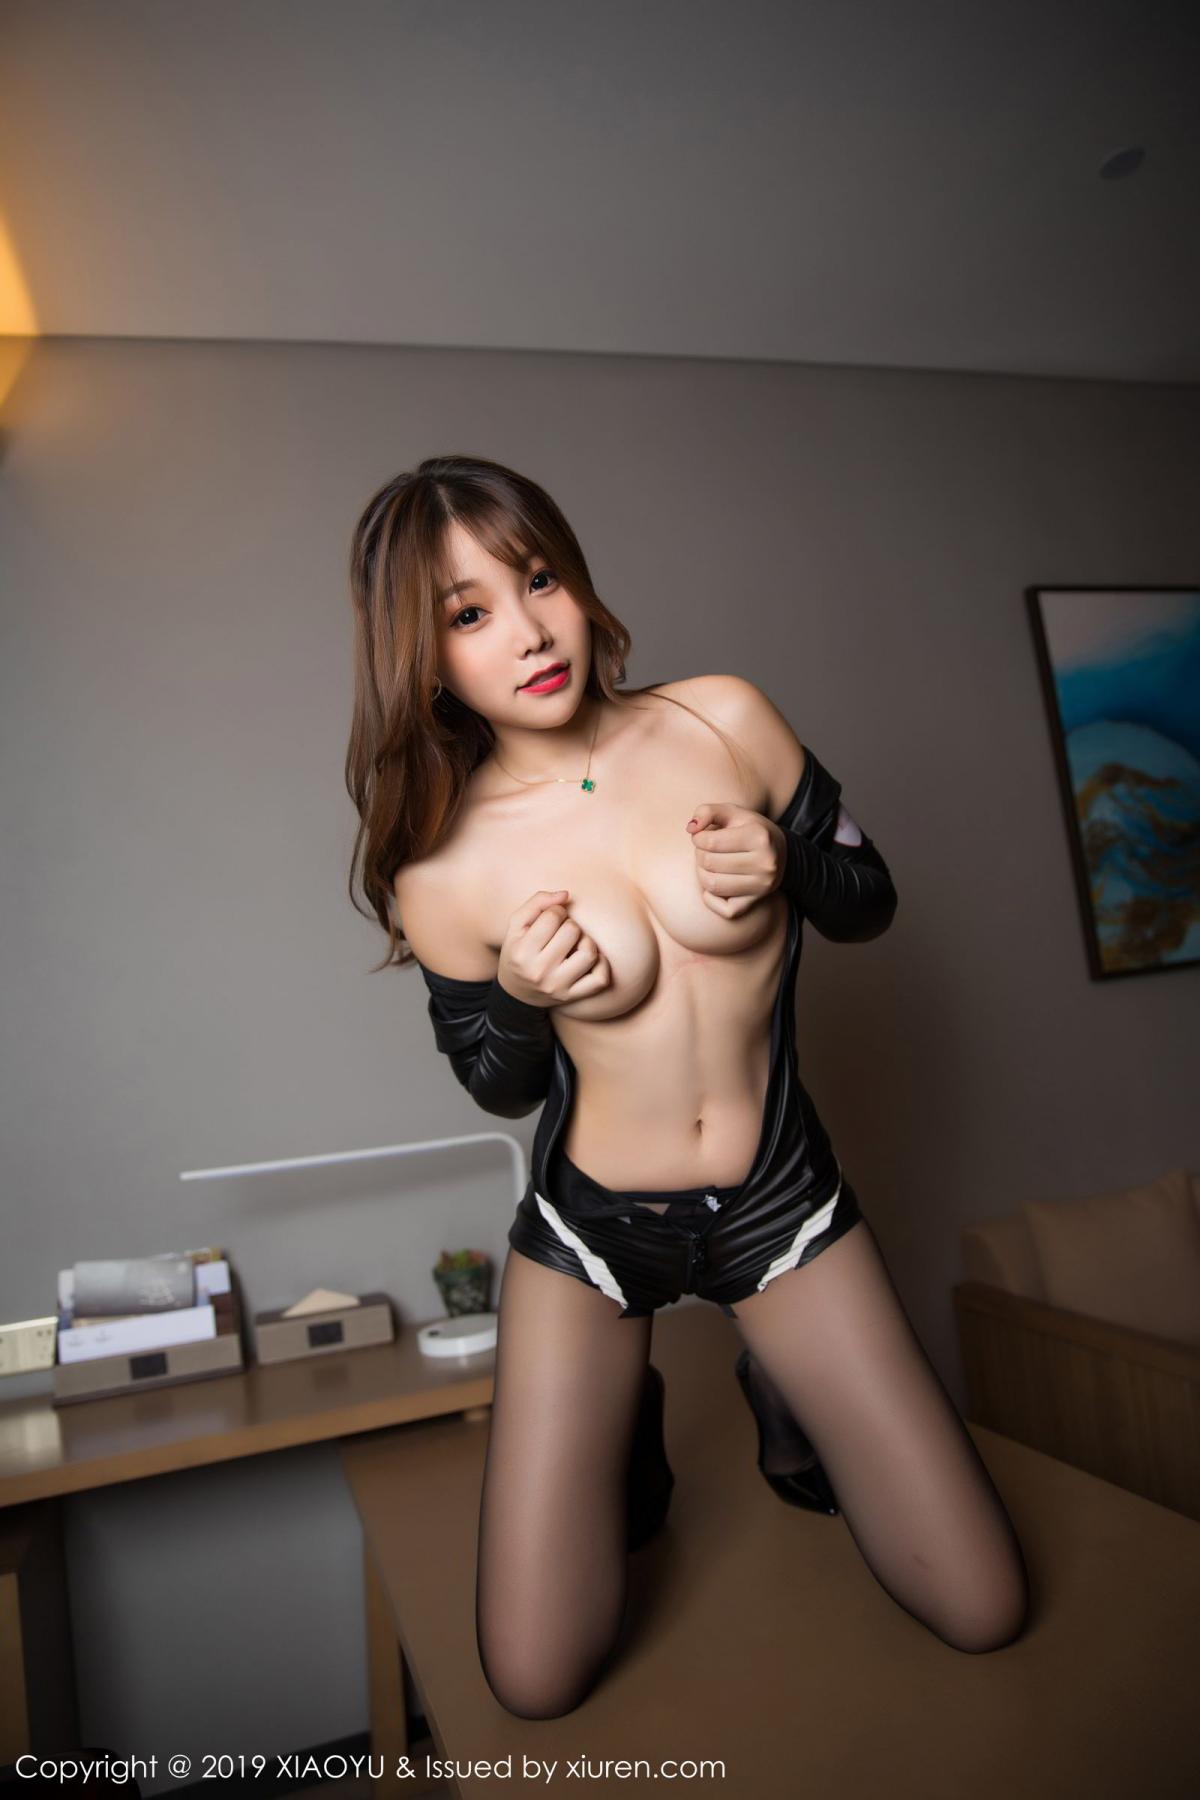 [XiaoYu] Vol.151 Chen Zhi 31P, Adult, Chen Zhi, XiaoYu